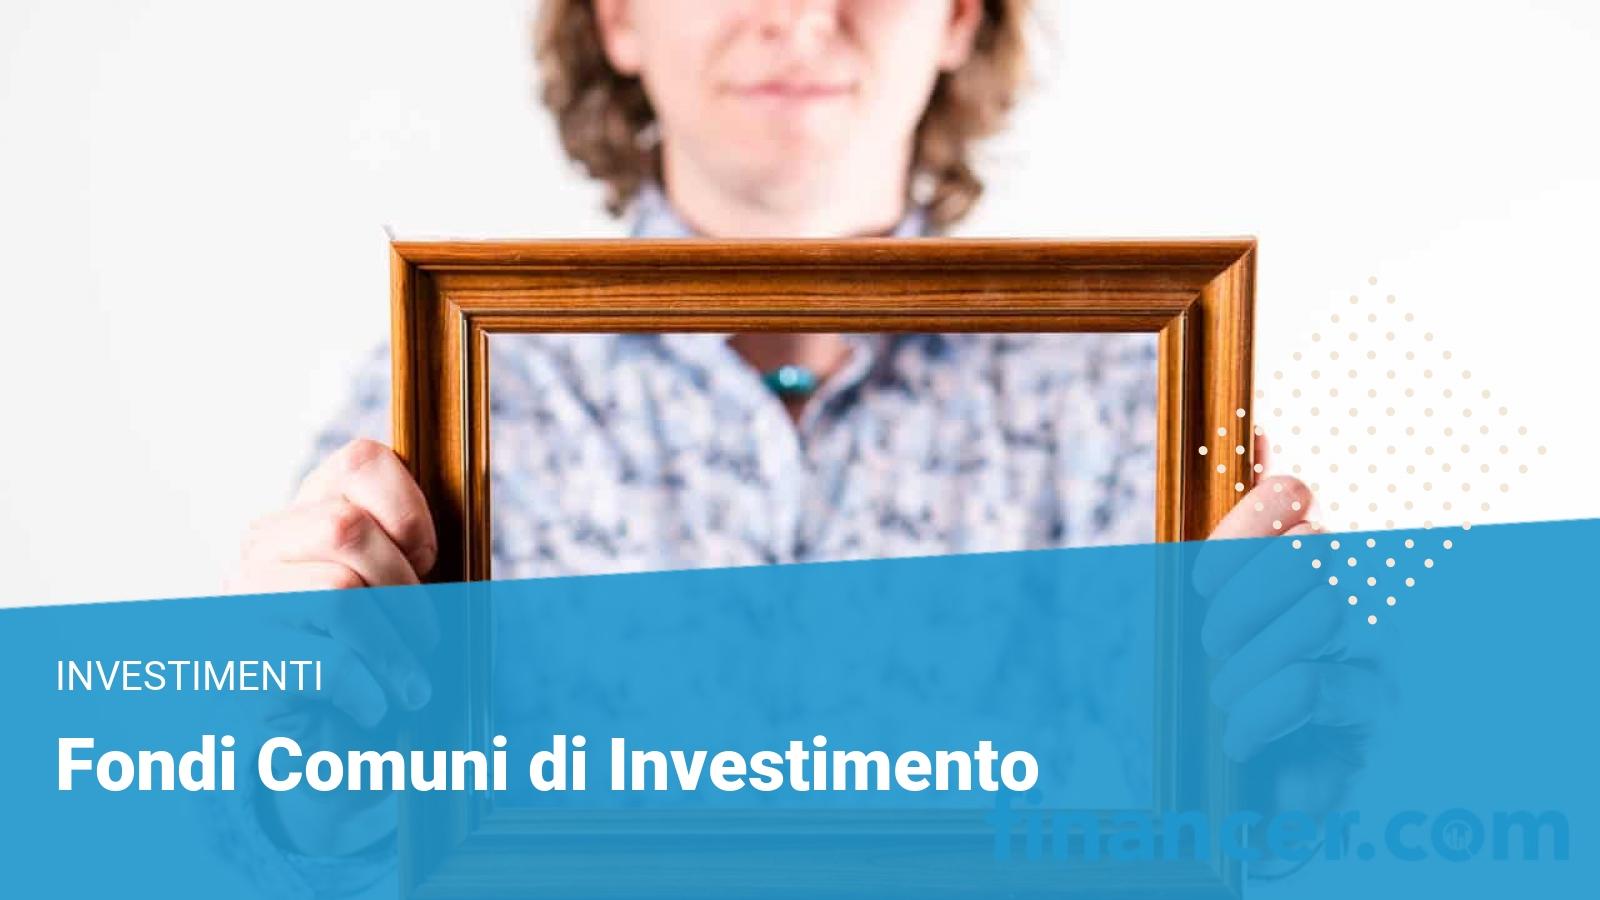 Fondi comuni di investimento - Financer.com Italia